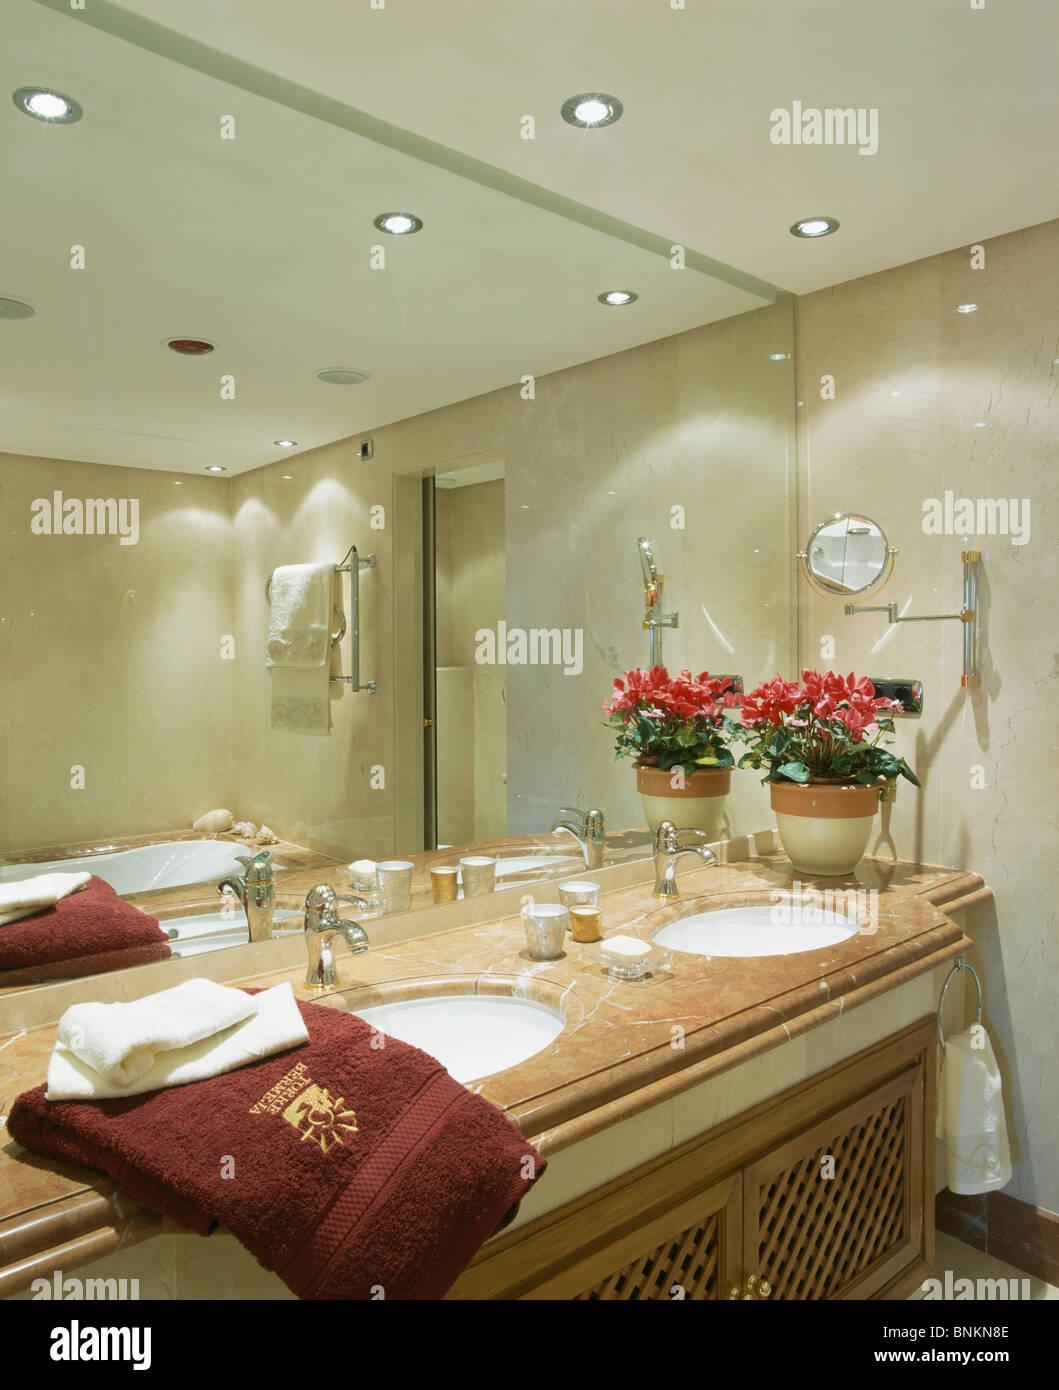 Spiegelwand Oben Unter Set Waschbecken In Marmor Spitze Waschtischunterbau  Im Modernen Badezimmer Mit Einbauleuchten